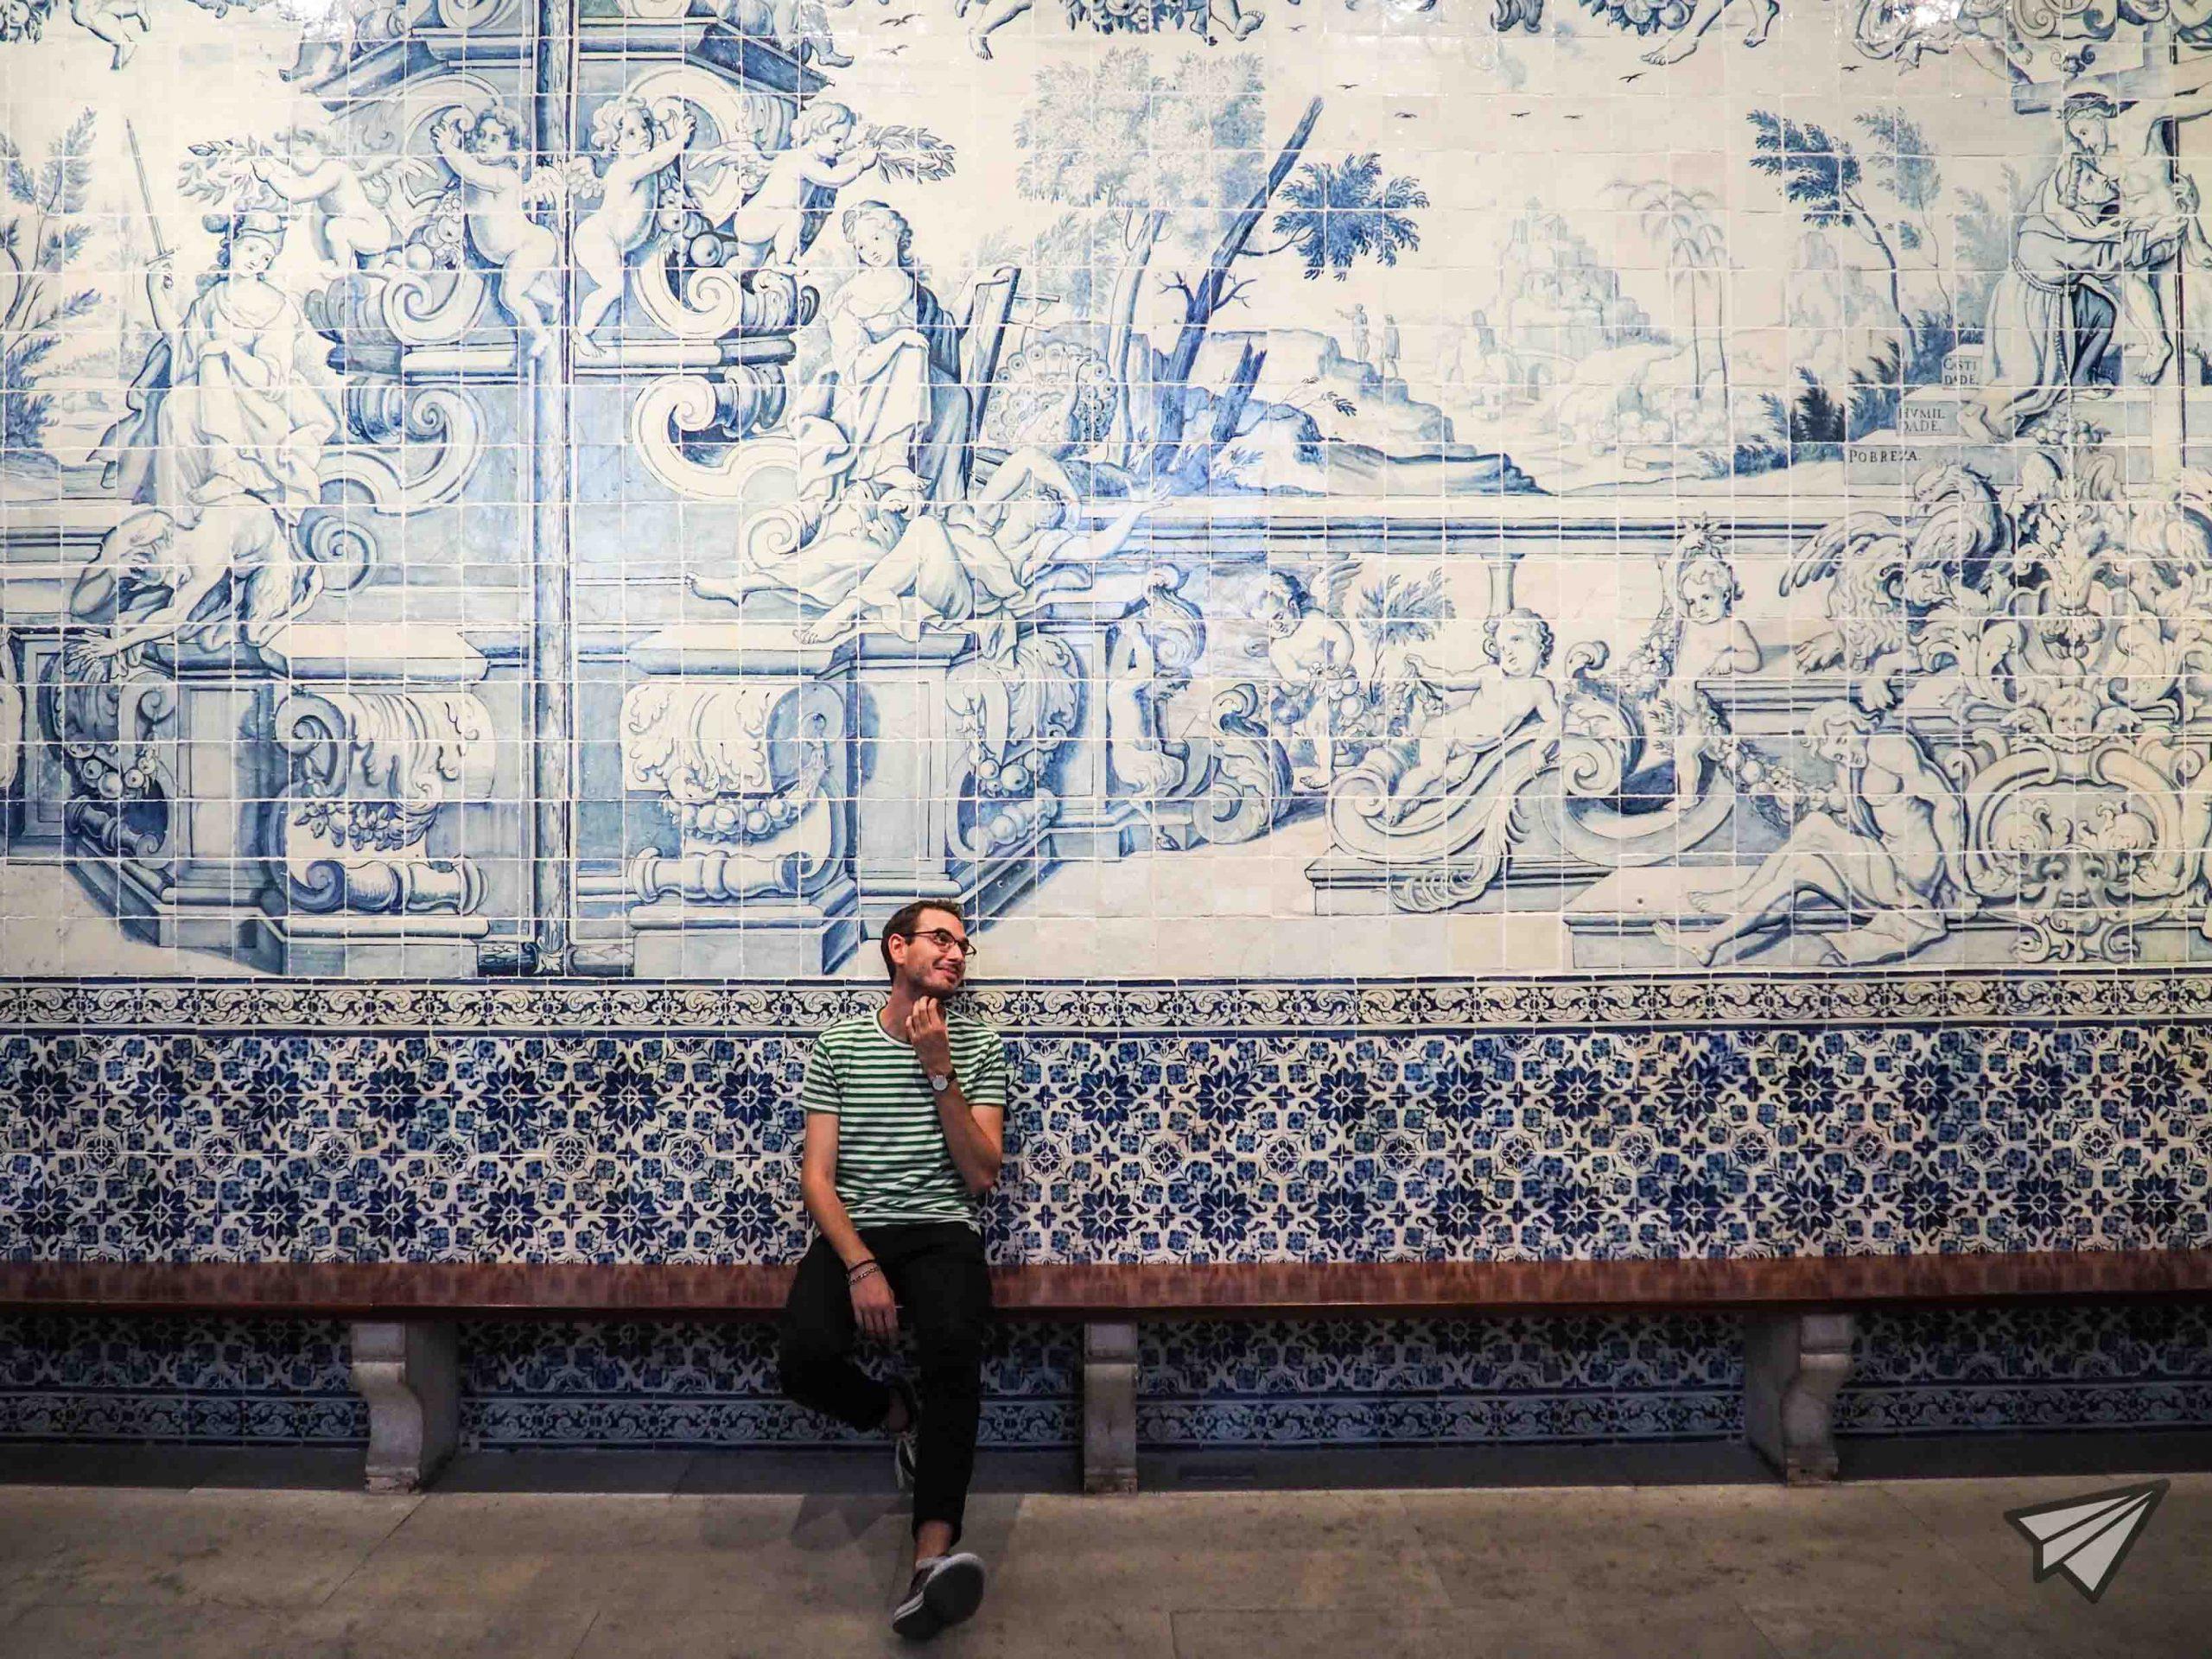 Museu Nacional do Azulejo room